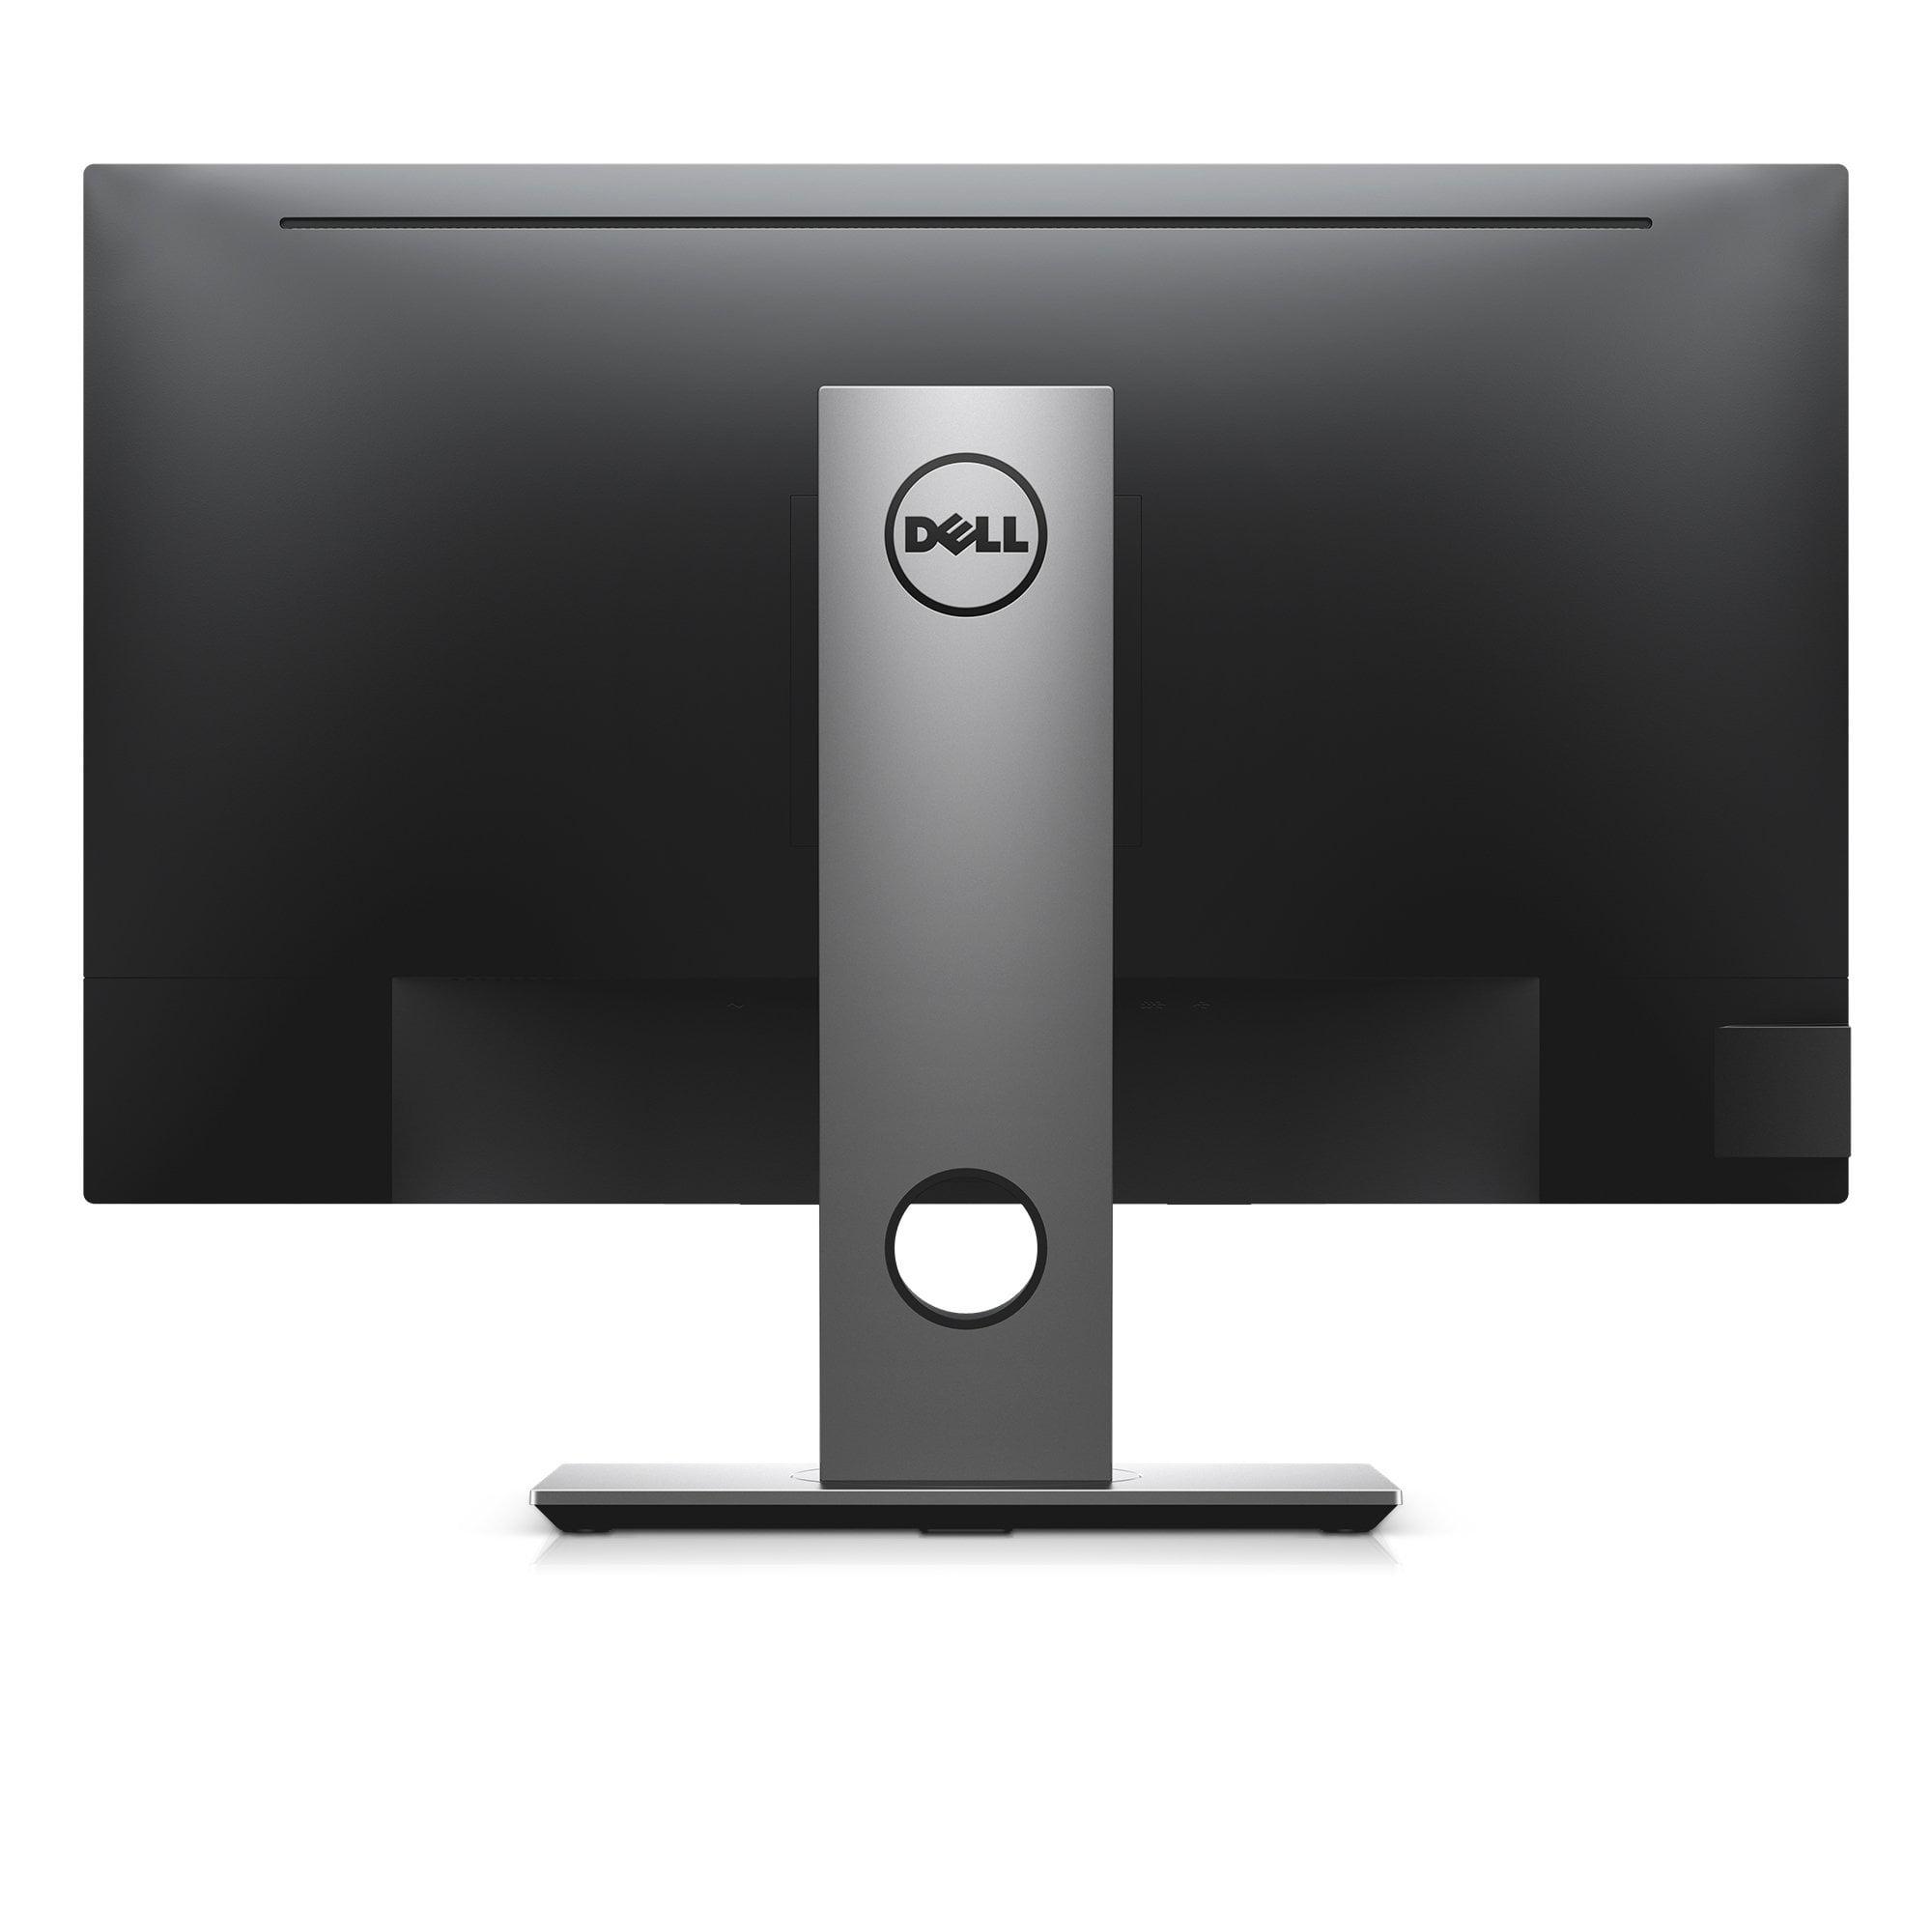 Dell P2717h 27